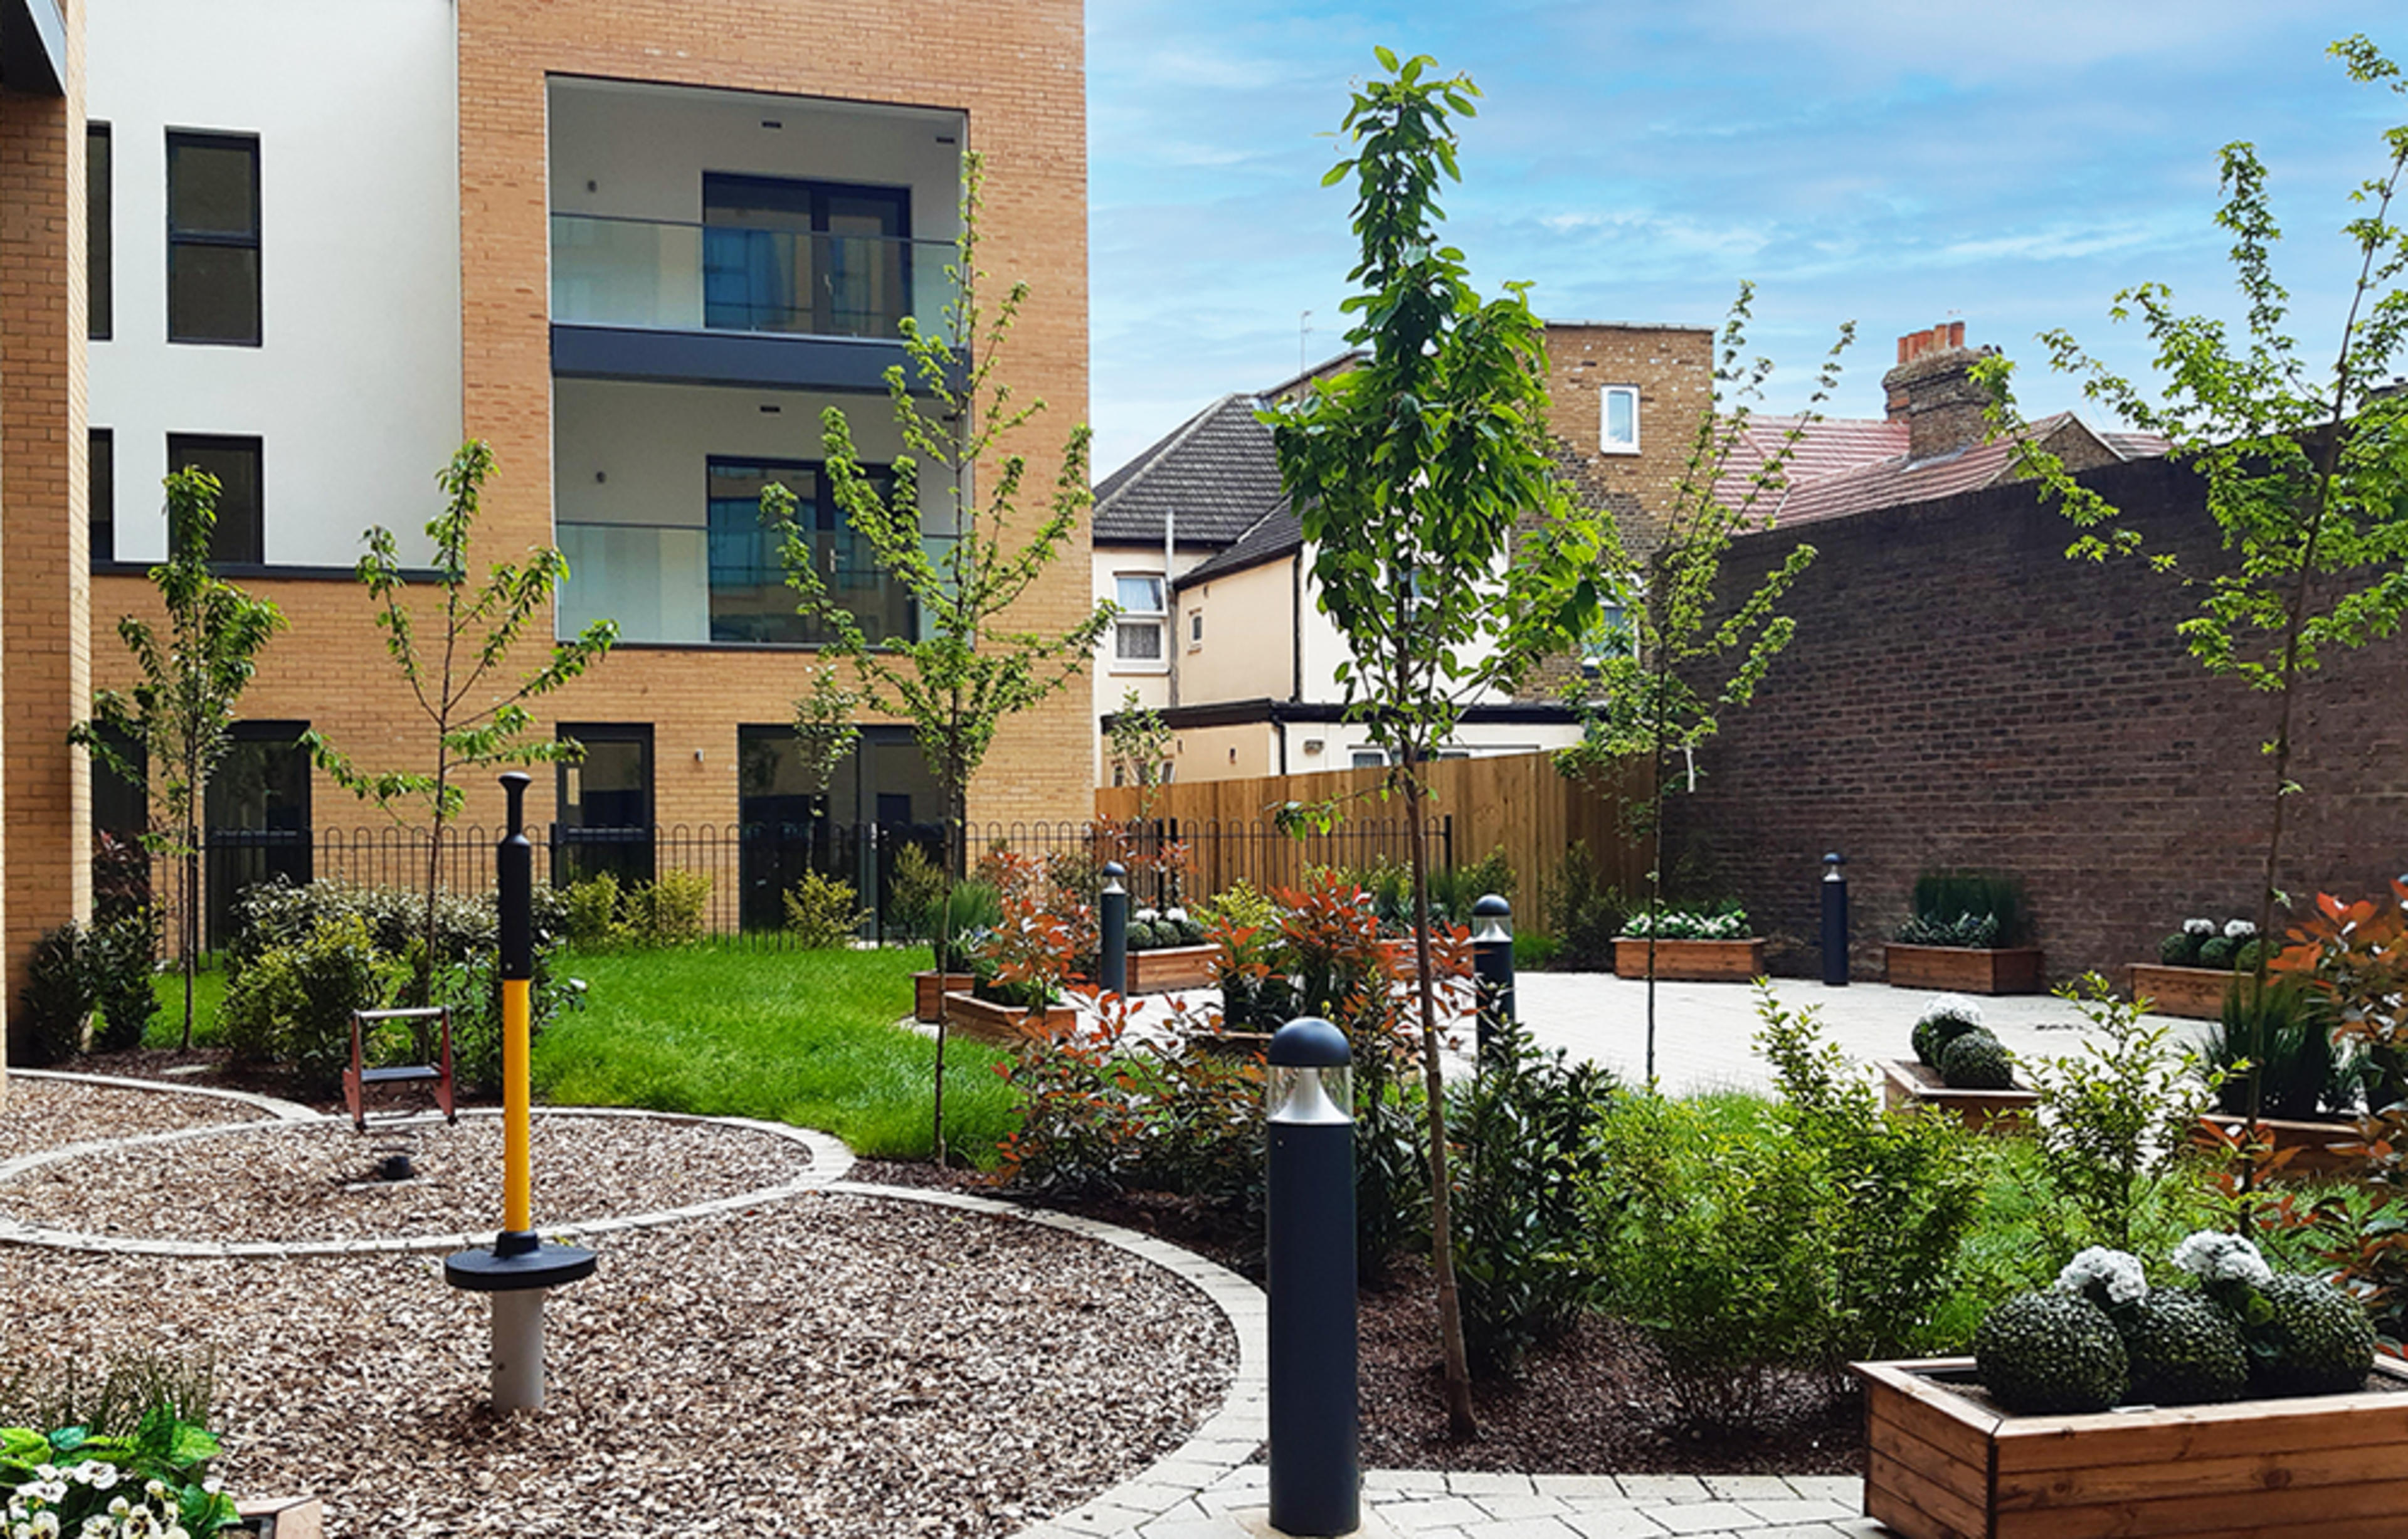 rub1x-development-southall-external-communal-garden-2